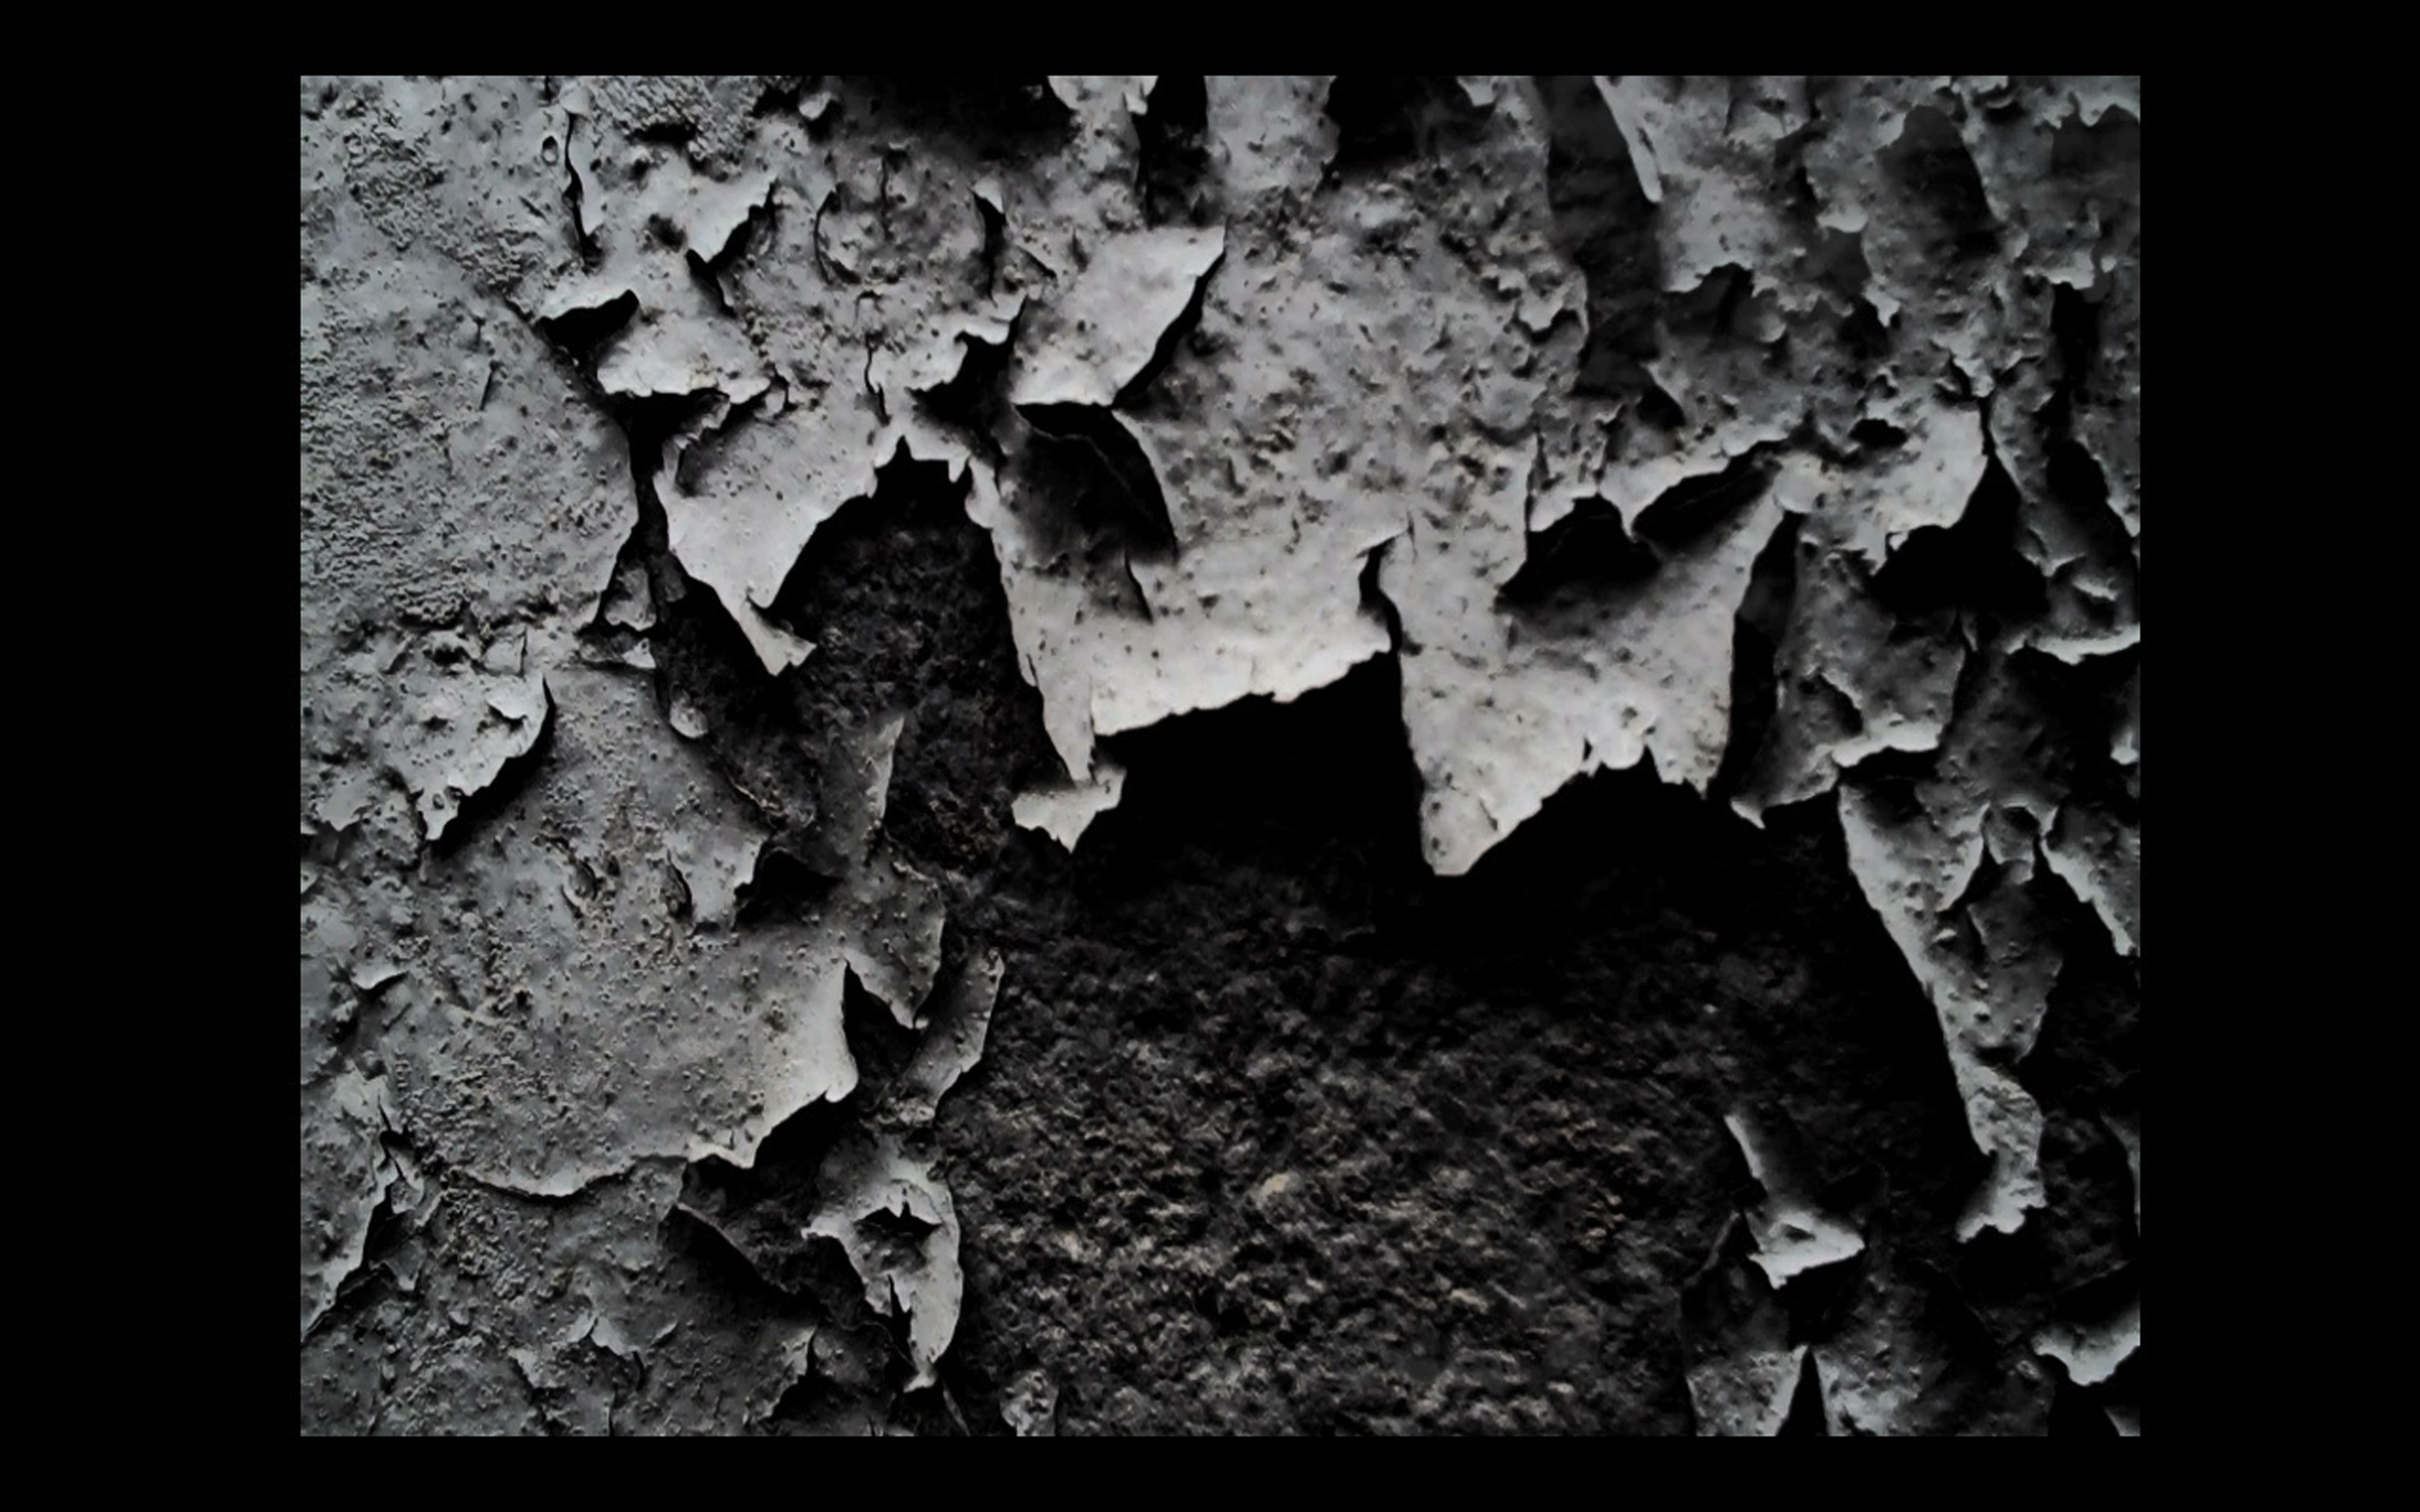 http://piercewarnecke.com/wp-content/uploads/2011/04/textures2.jpg